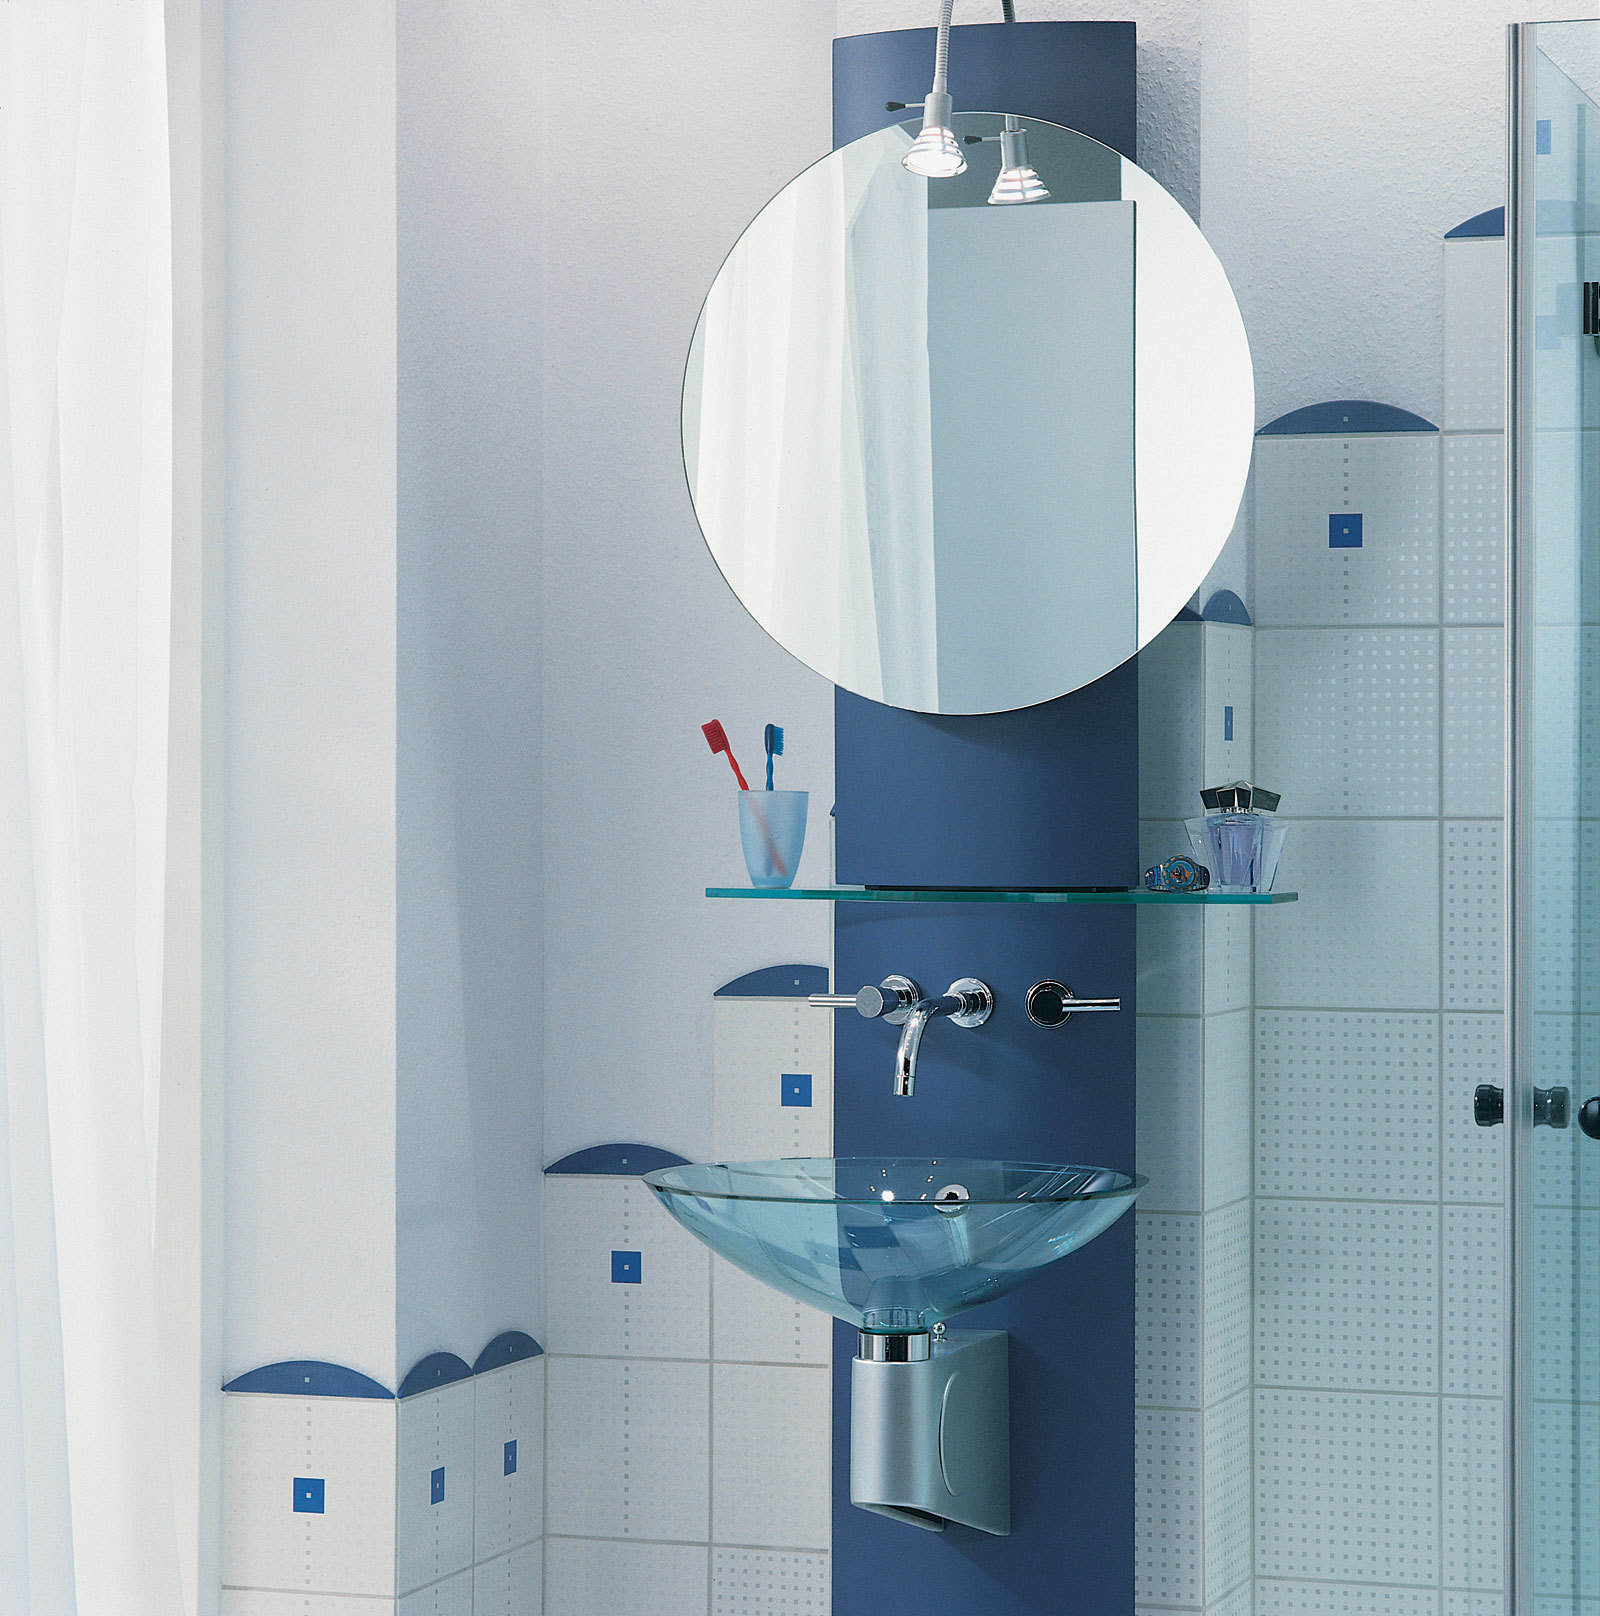 Холодные оттенки голубого цвета, прозрачные аксессуары, хромированные ручки помогут наполнить интерьер ванной светом и воздухом. Стиль hi-tech -хорошая идея!